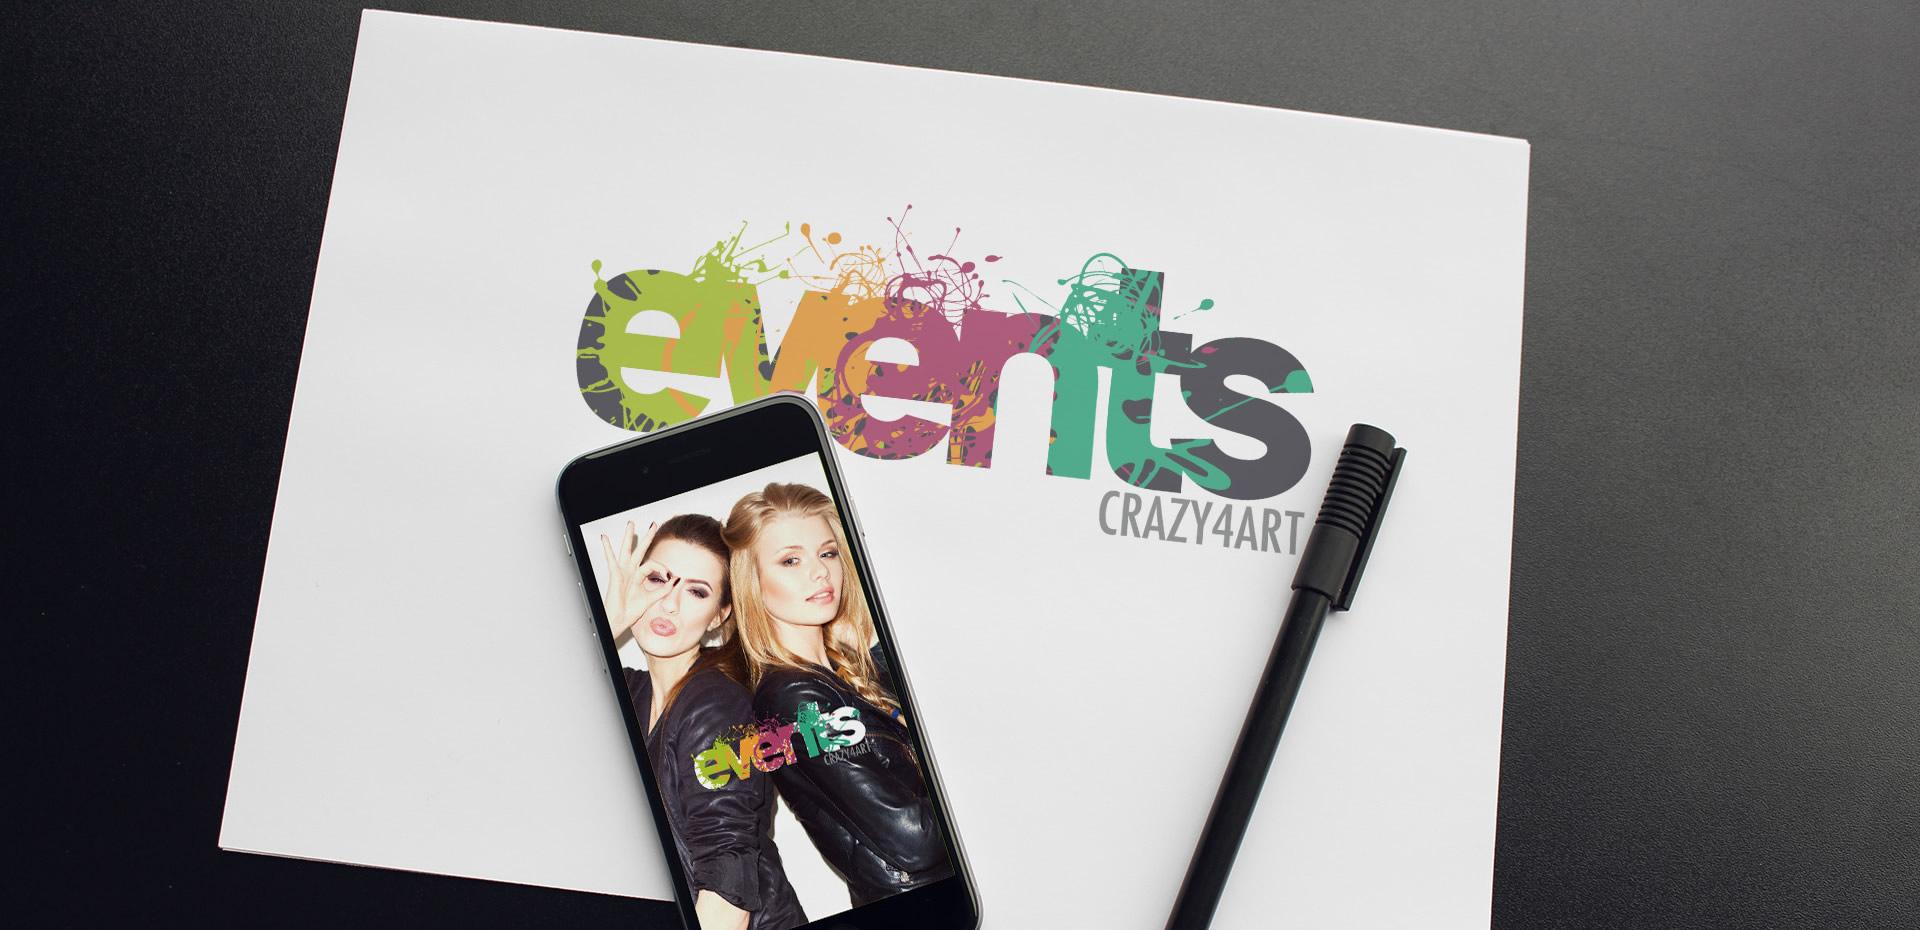 Events Crazy4Art Creazione Logo - Patrizio Rossi Web and Graphic Designer - Portfolio web e grafica